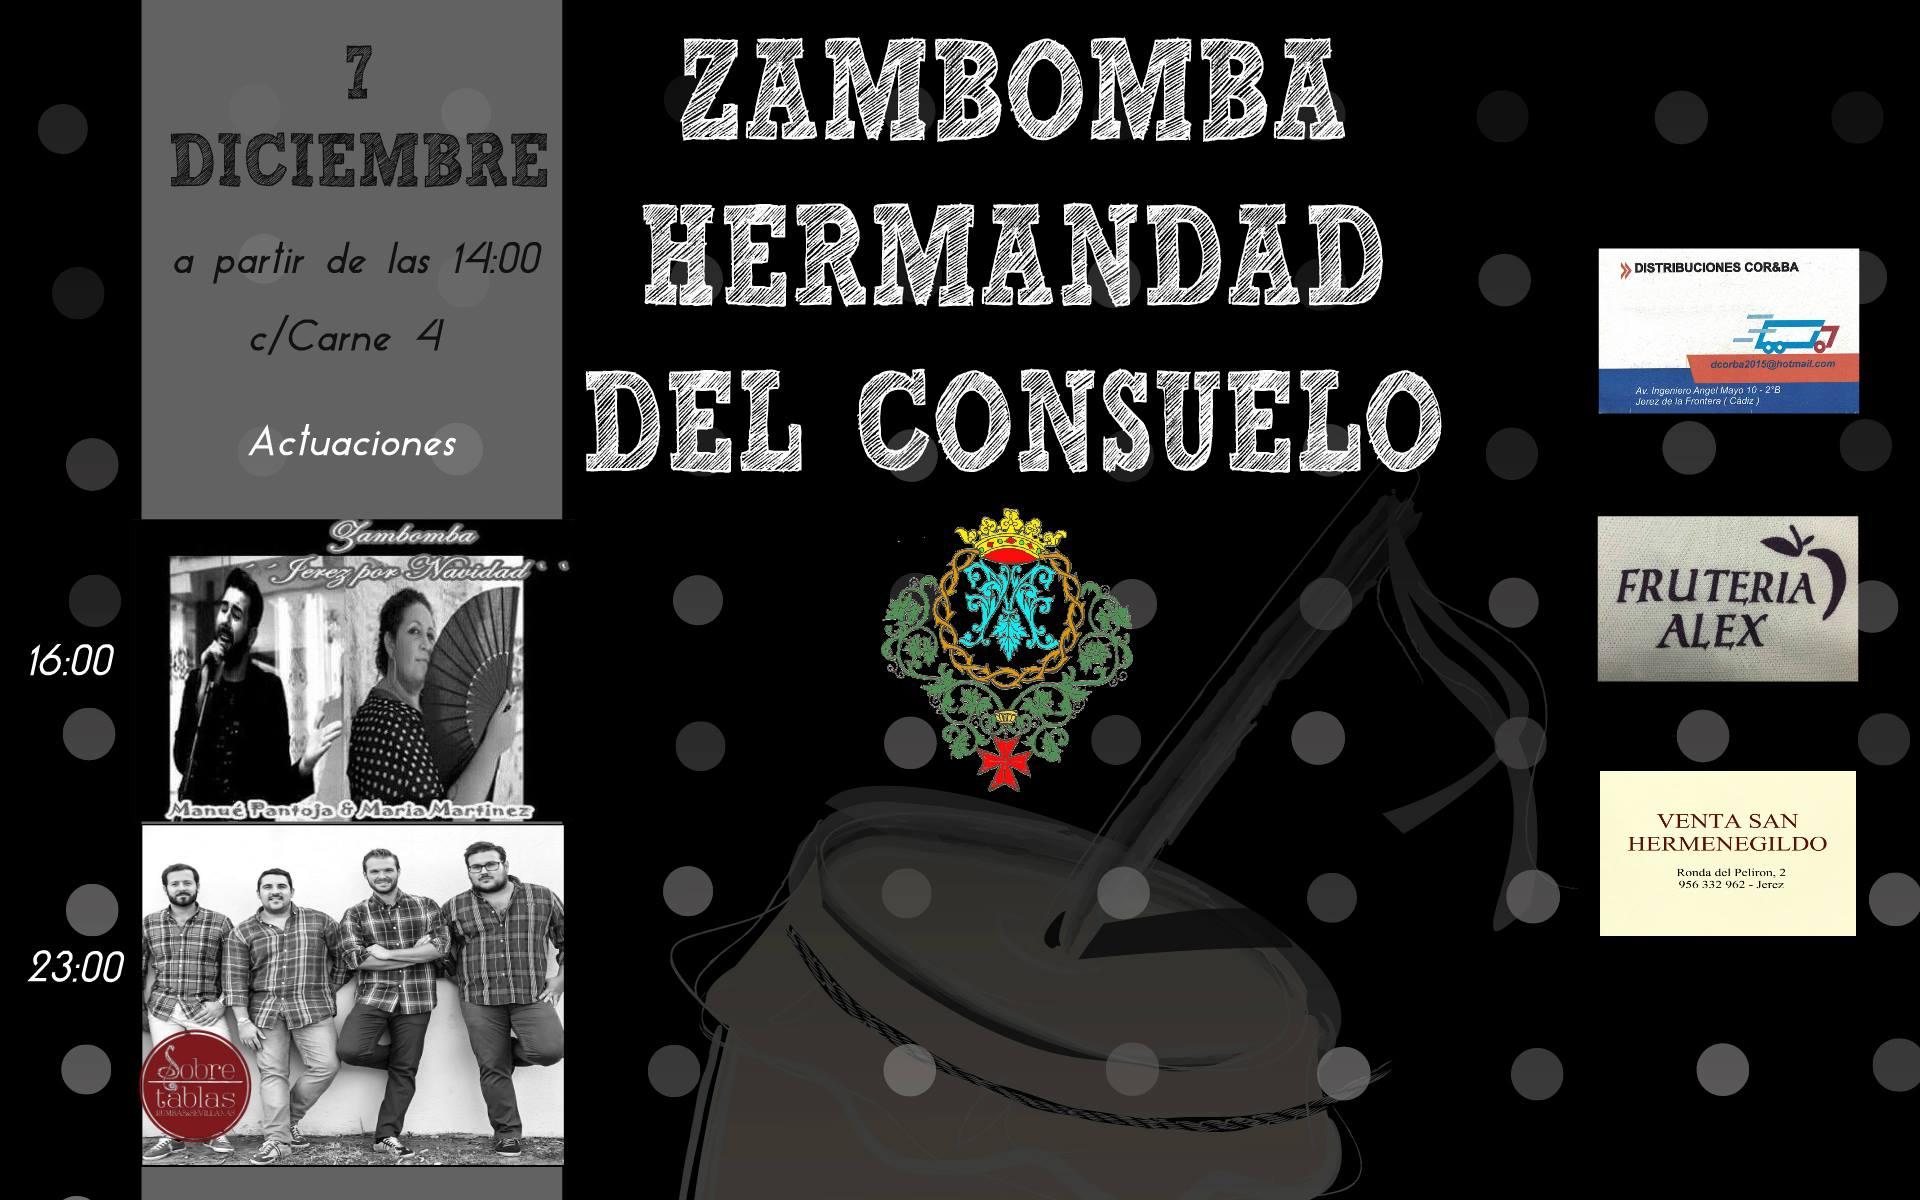 zambomba-consuelo